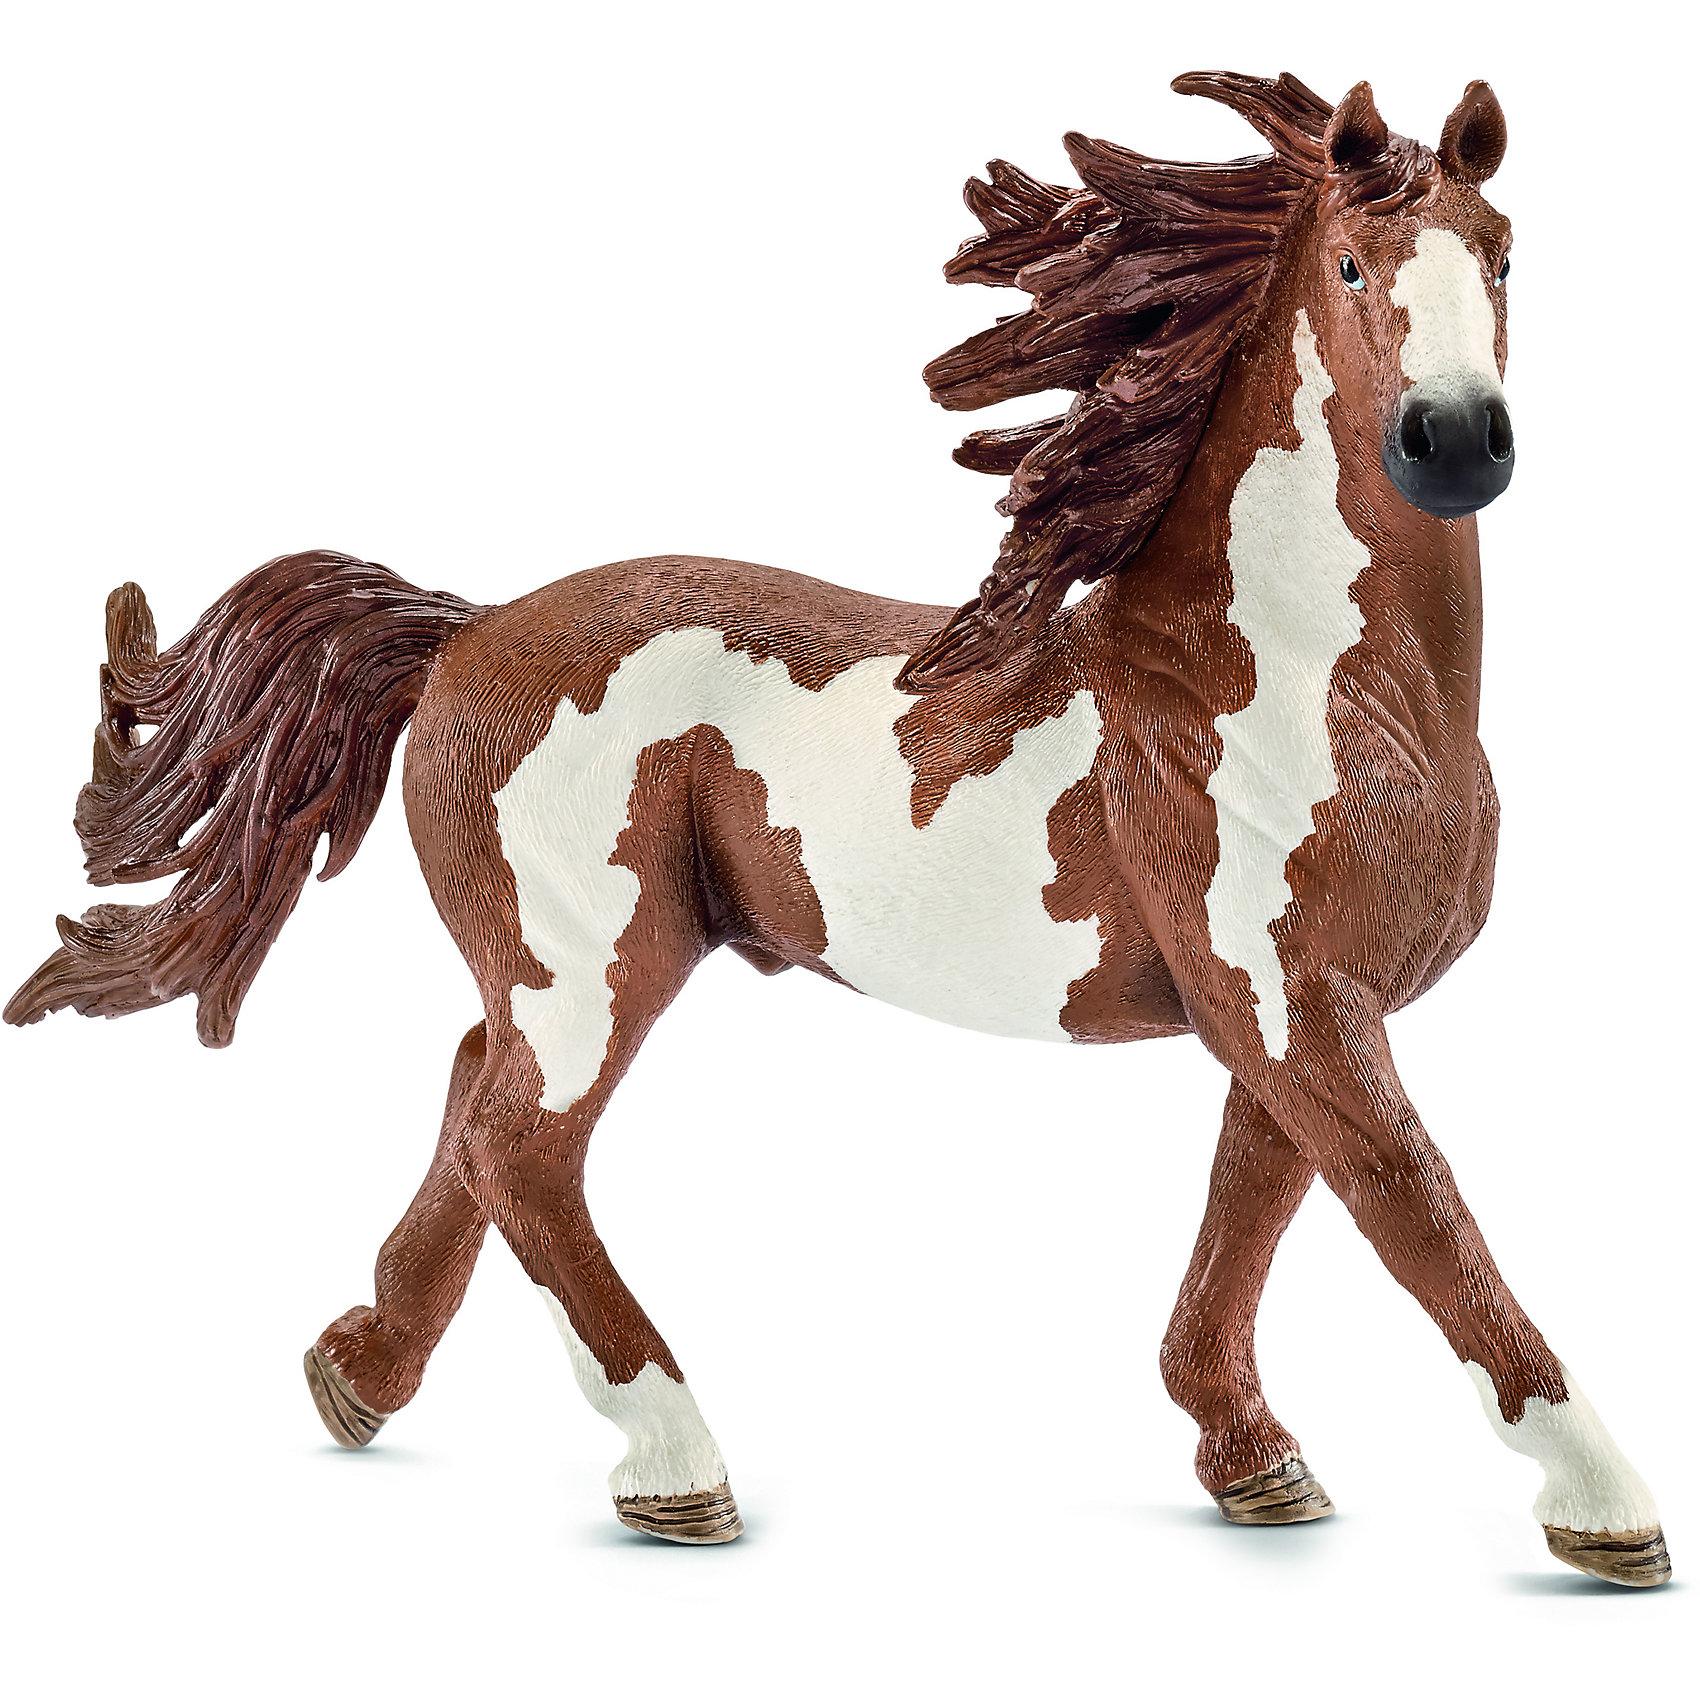 Schleich Жеребец Пинто, Schleich фигурки игрушки schleich фиордская лошадь жеребец